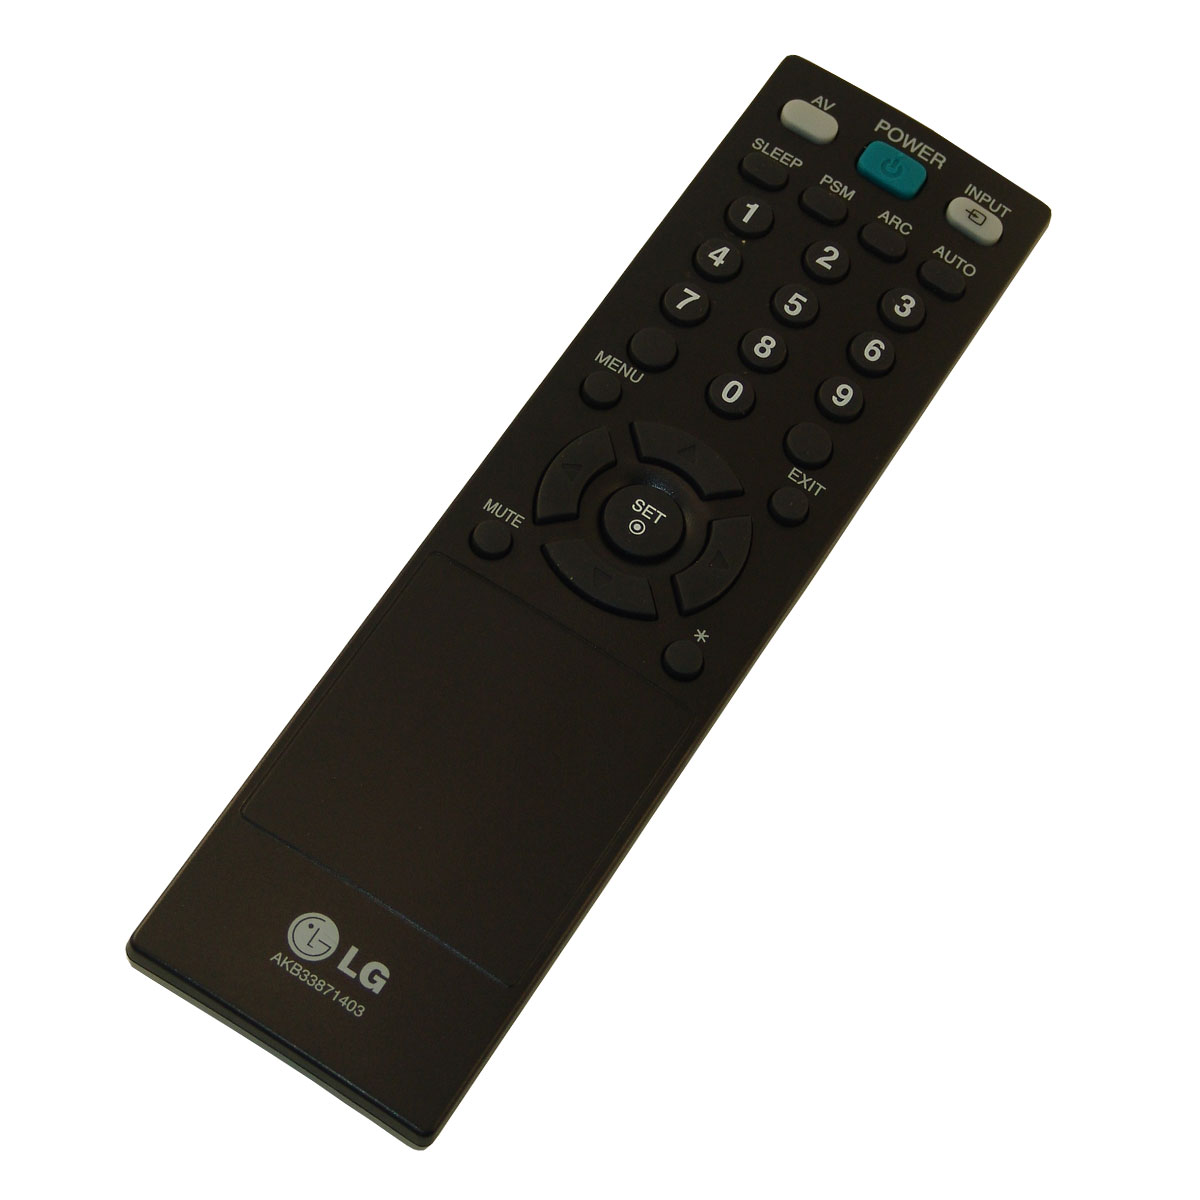 lg tv remote 2016. original-lg-akb33871403-akb-33871403-remote-control-tv- lg tv remote 2016 r